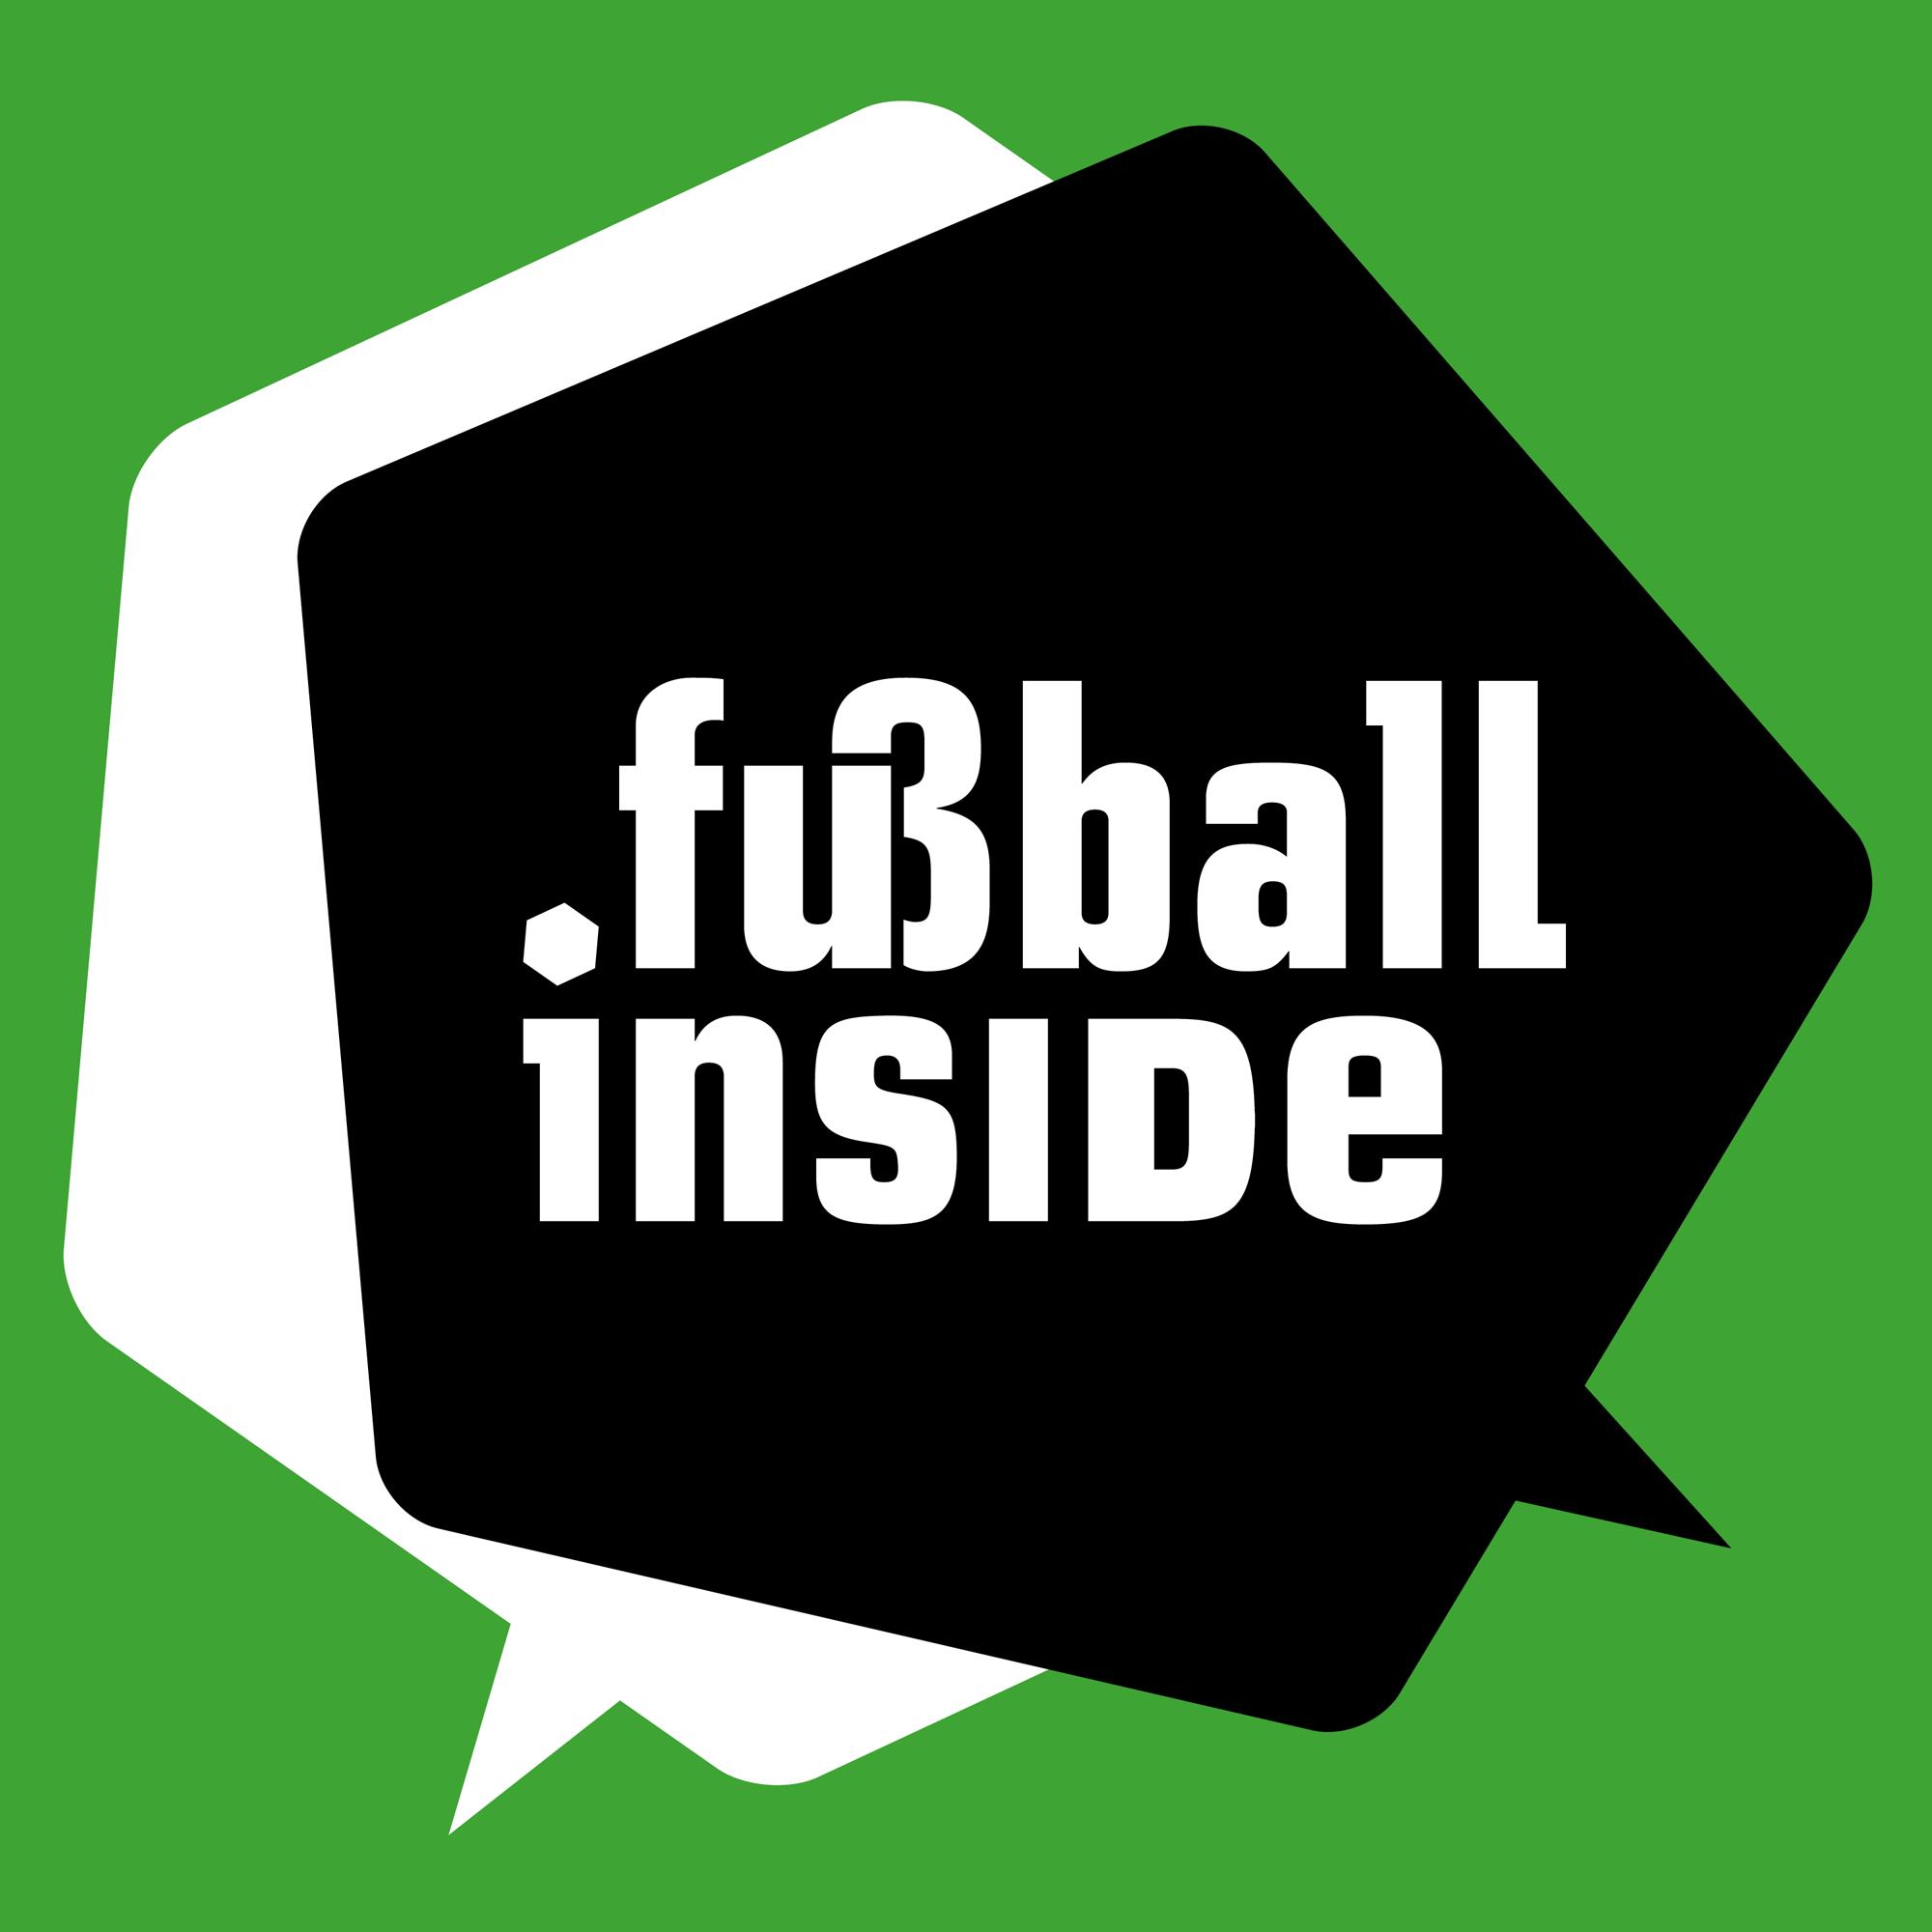 fußball inside - der Podcast aus dem Ruhrgebiet ⚽️